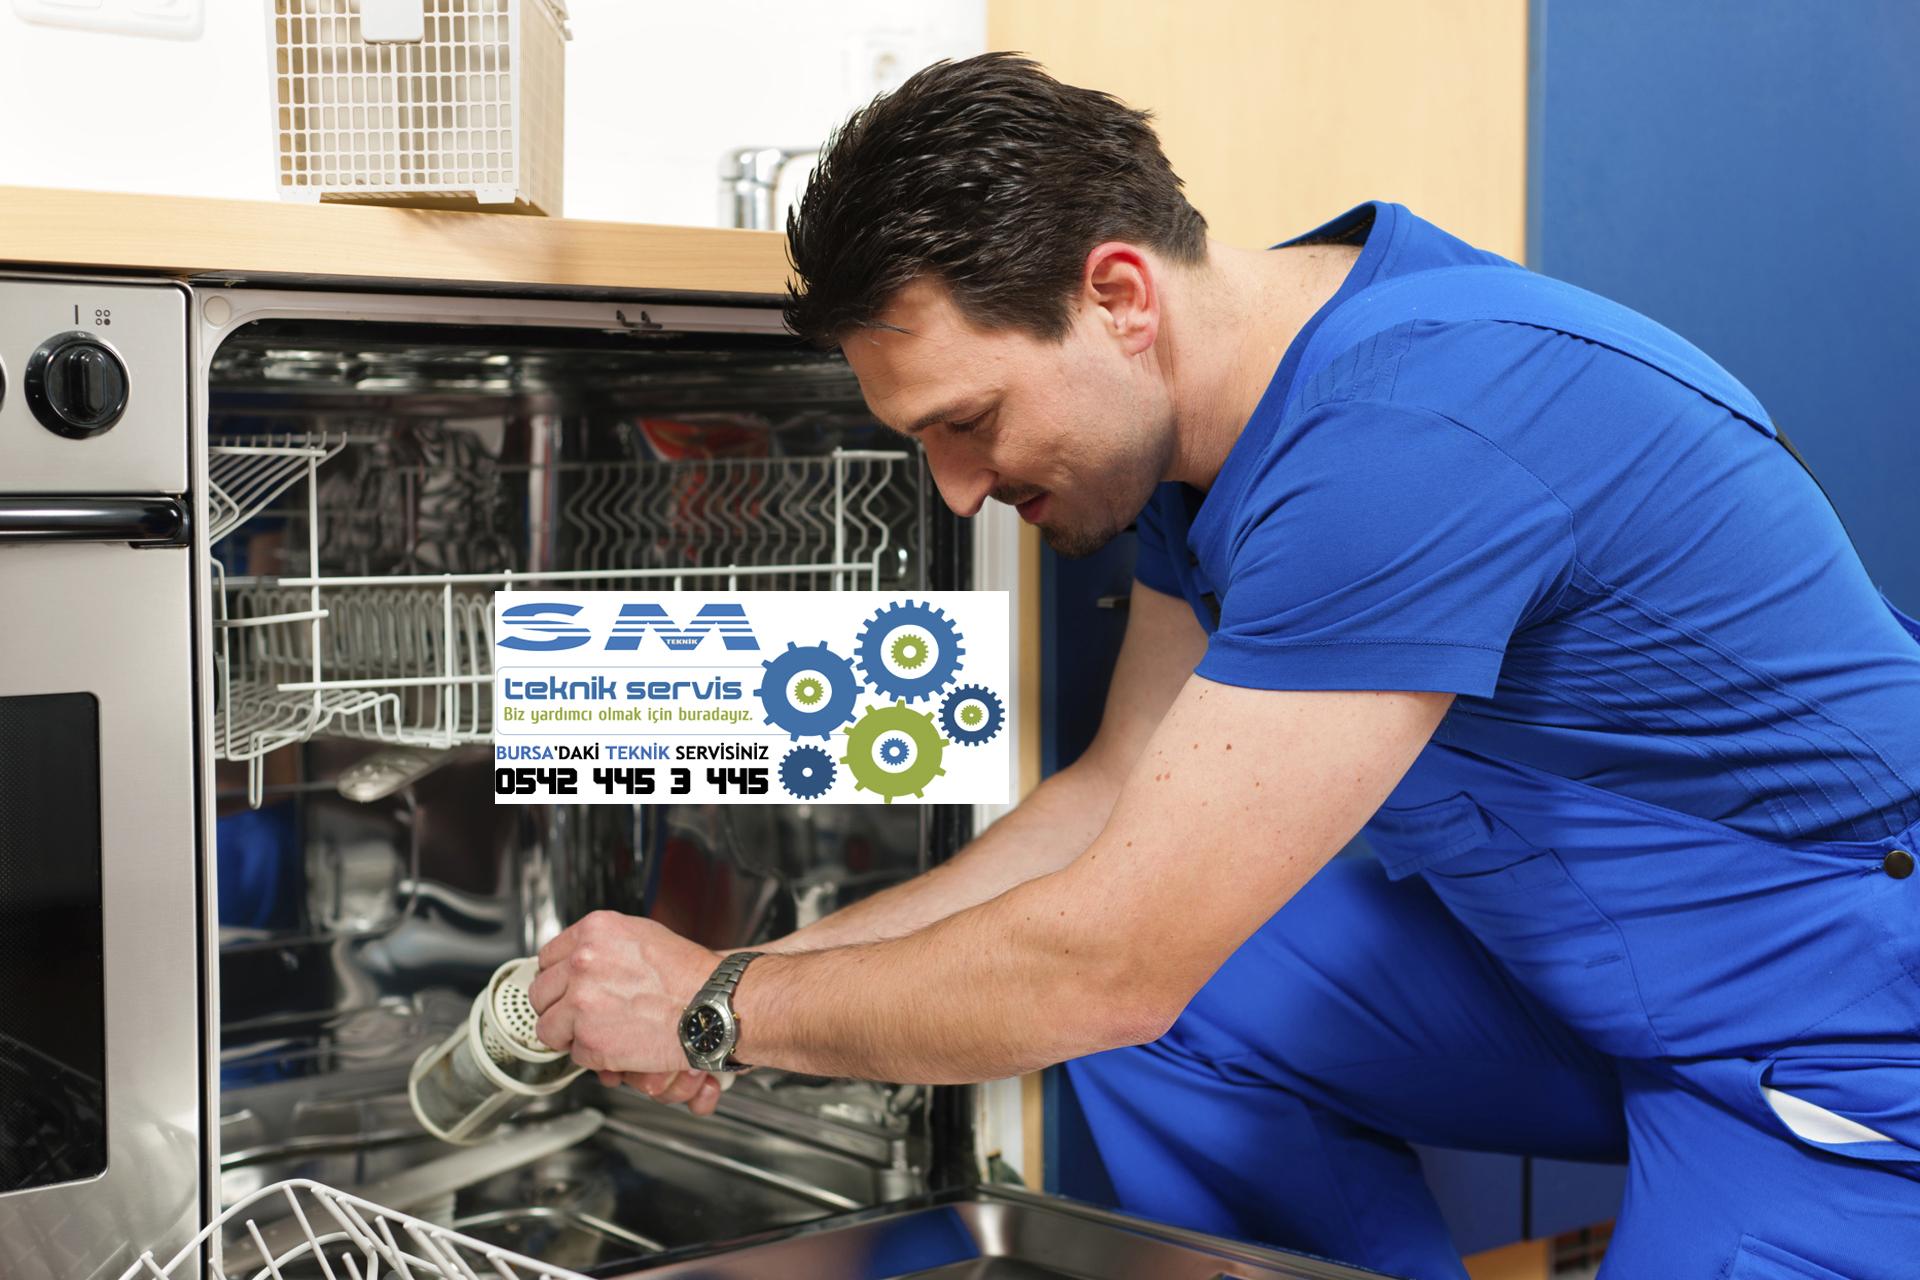 Bulaşık Makinesi Servisi Bursa Yıldırım